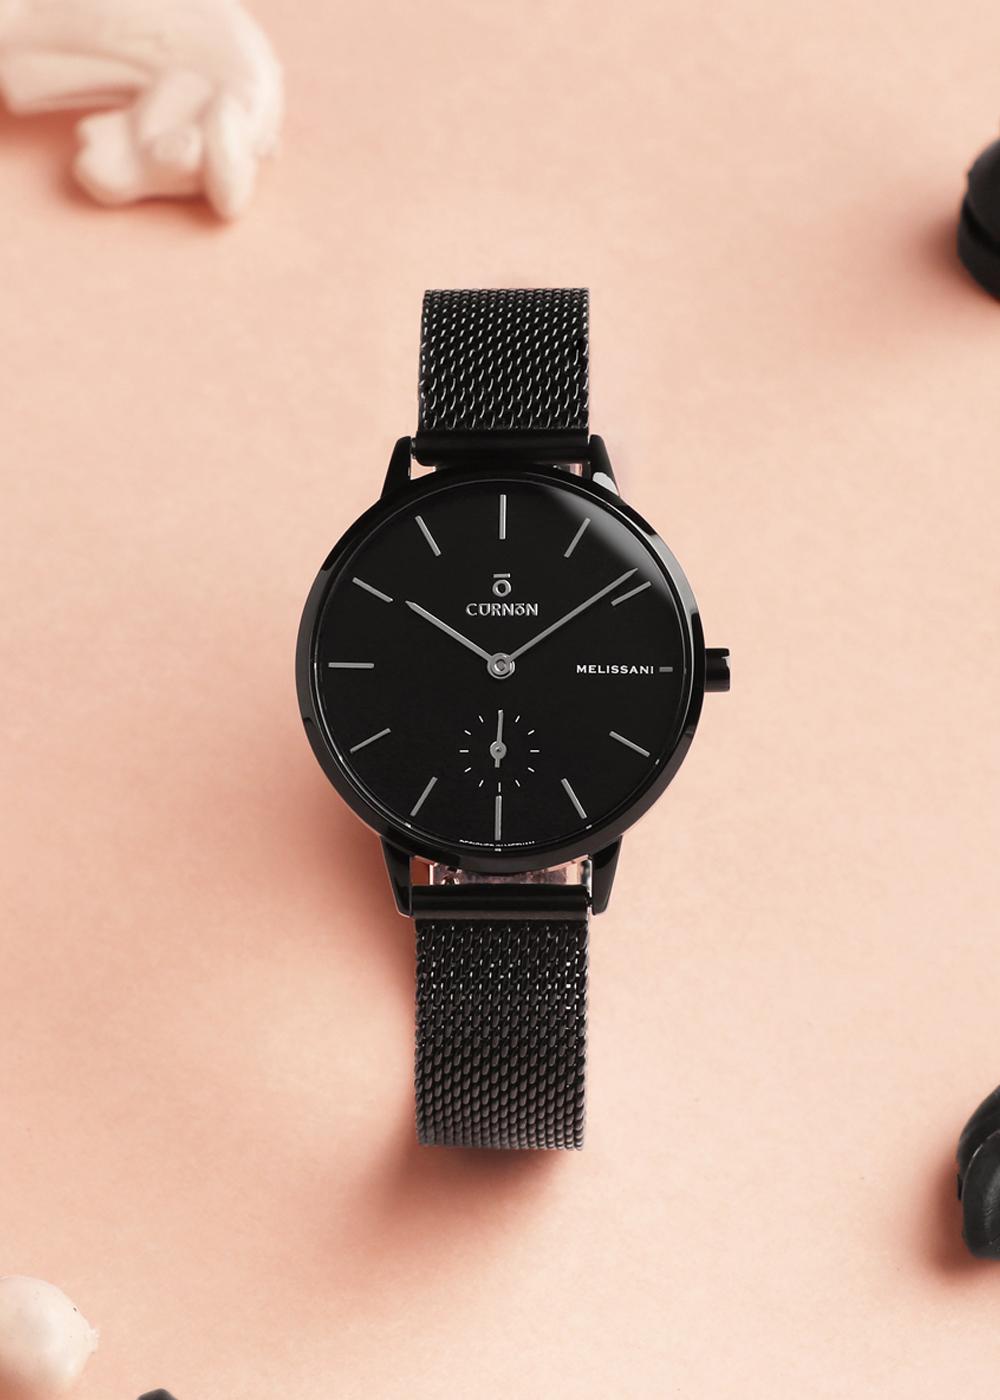 Đồng hồ nữ Dây Kim Loại Curnon Melissani Moon Kính Sapphire (32mm)